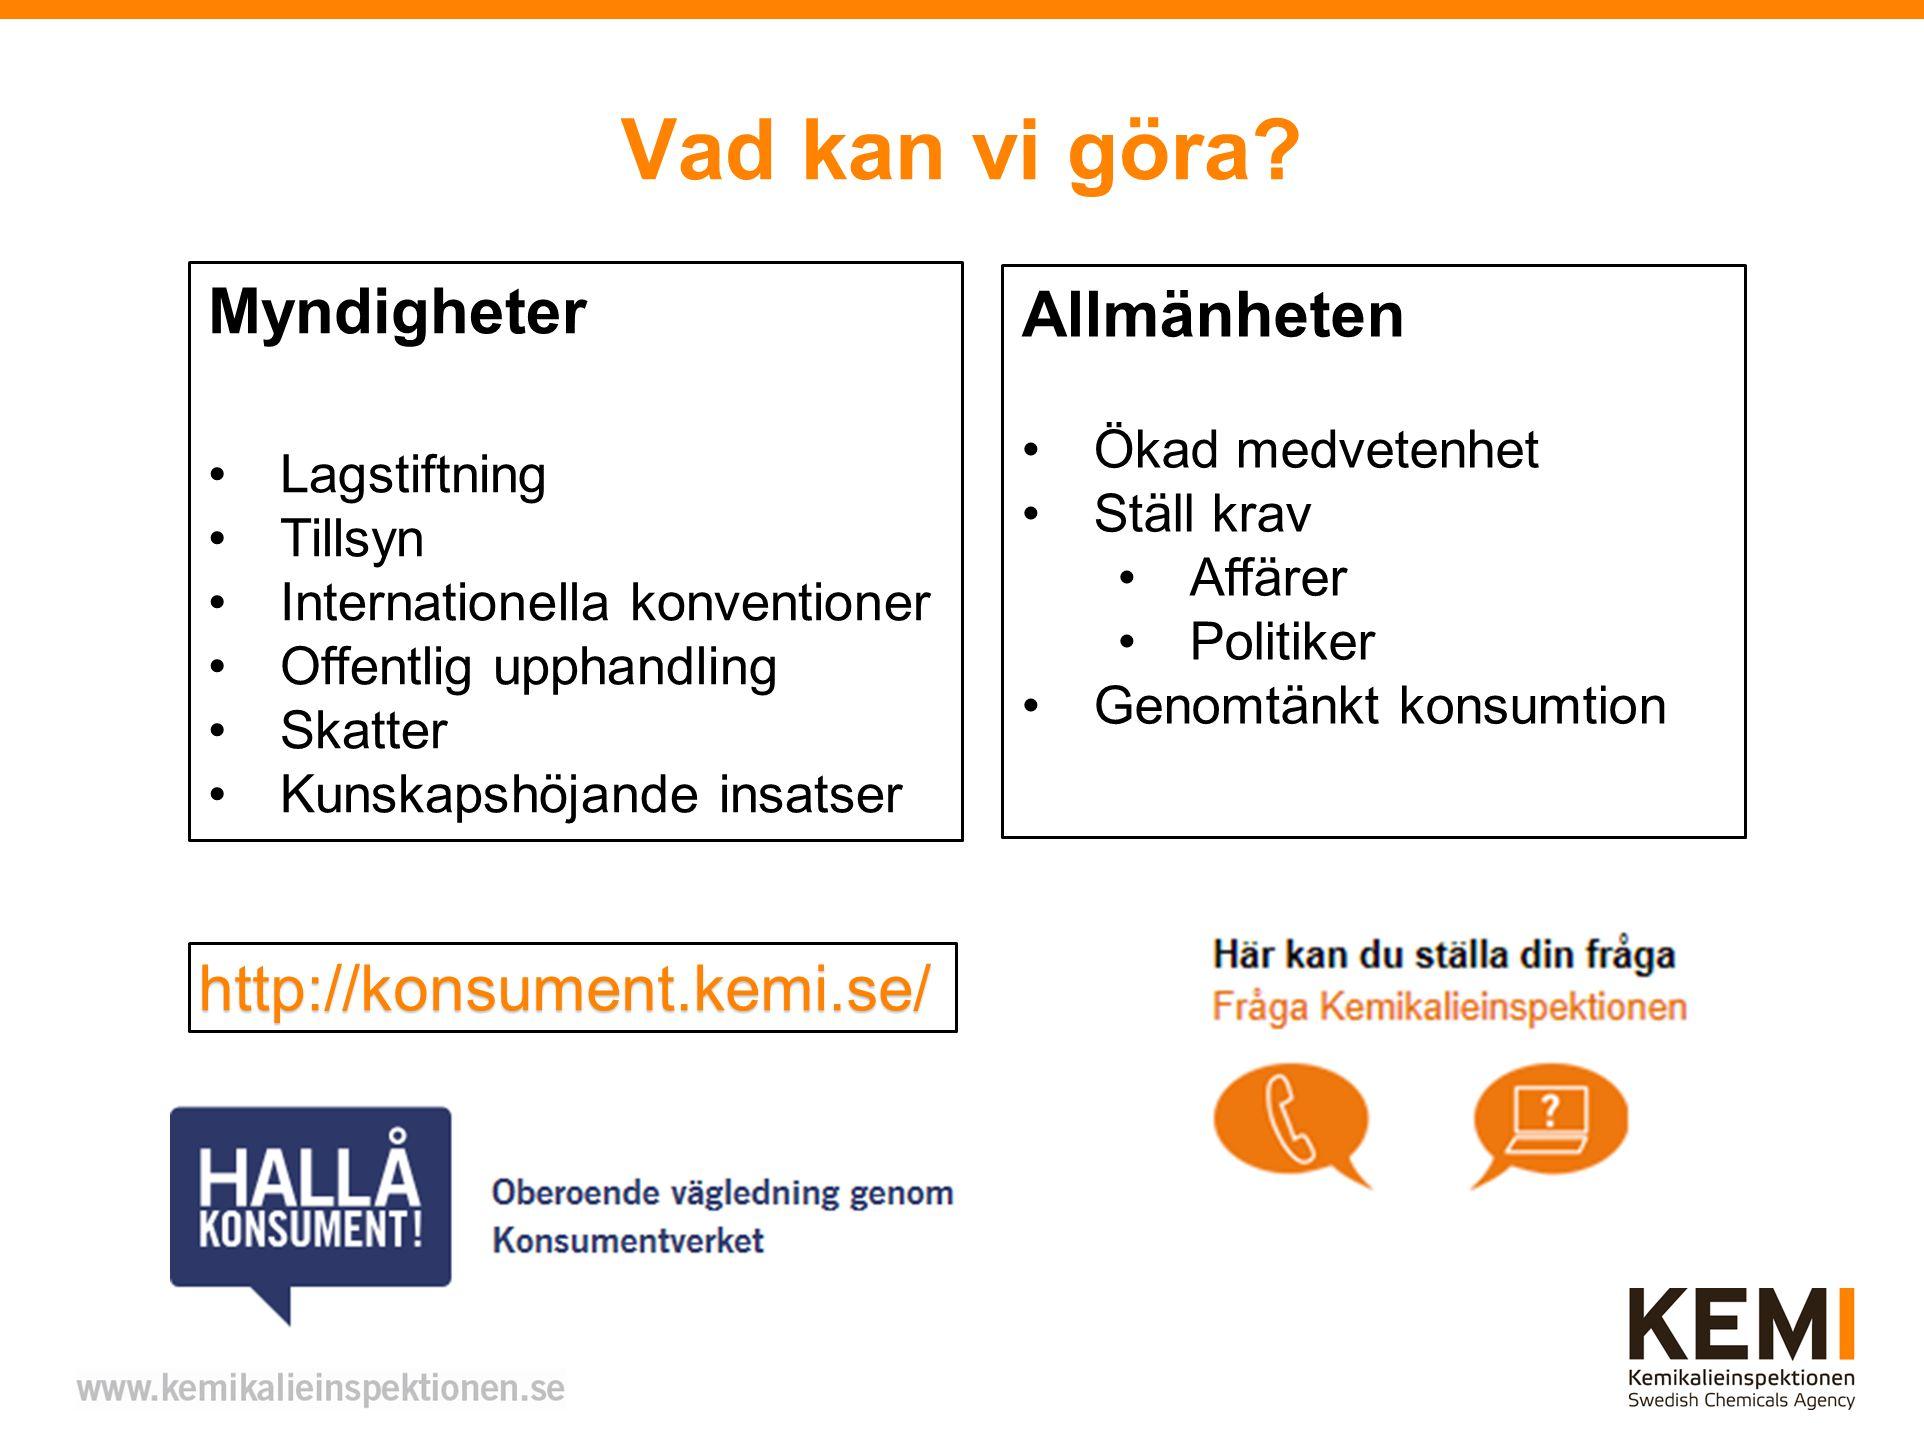 Vad kan vi göra Myndigheter Allmänheten http://konsument.kemi.se/